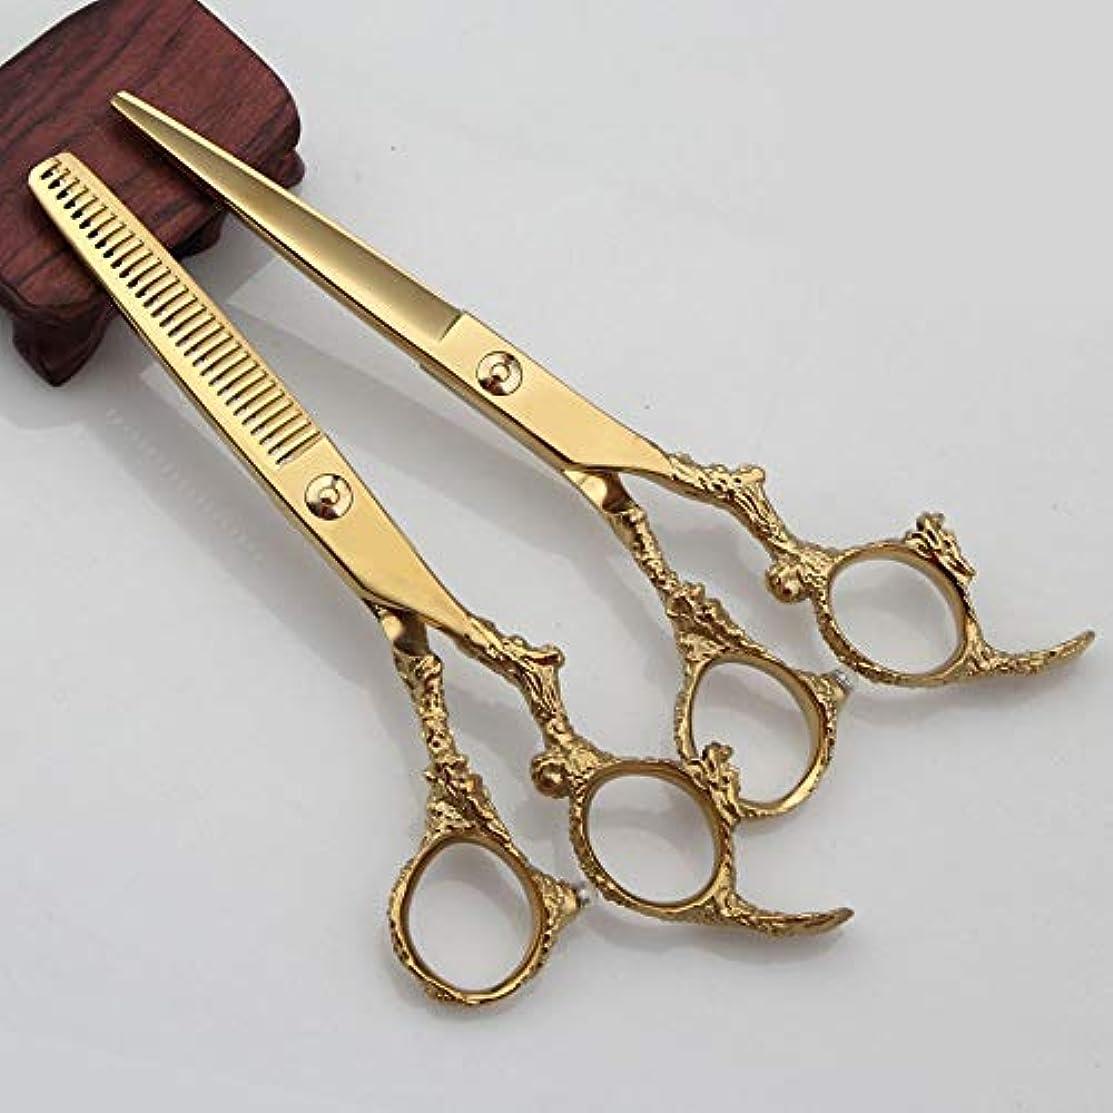 貫入持ってる災難6インチ美容院プロフェッショナル理髪セットフラットシアー+歯はさみセット モデリングツール (色 : ゴールド)